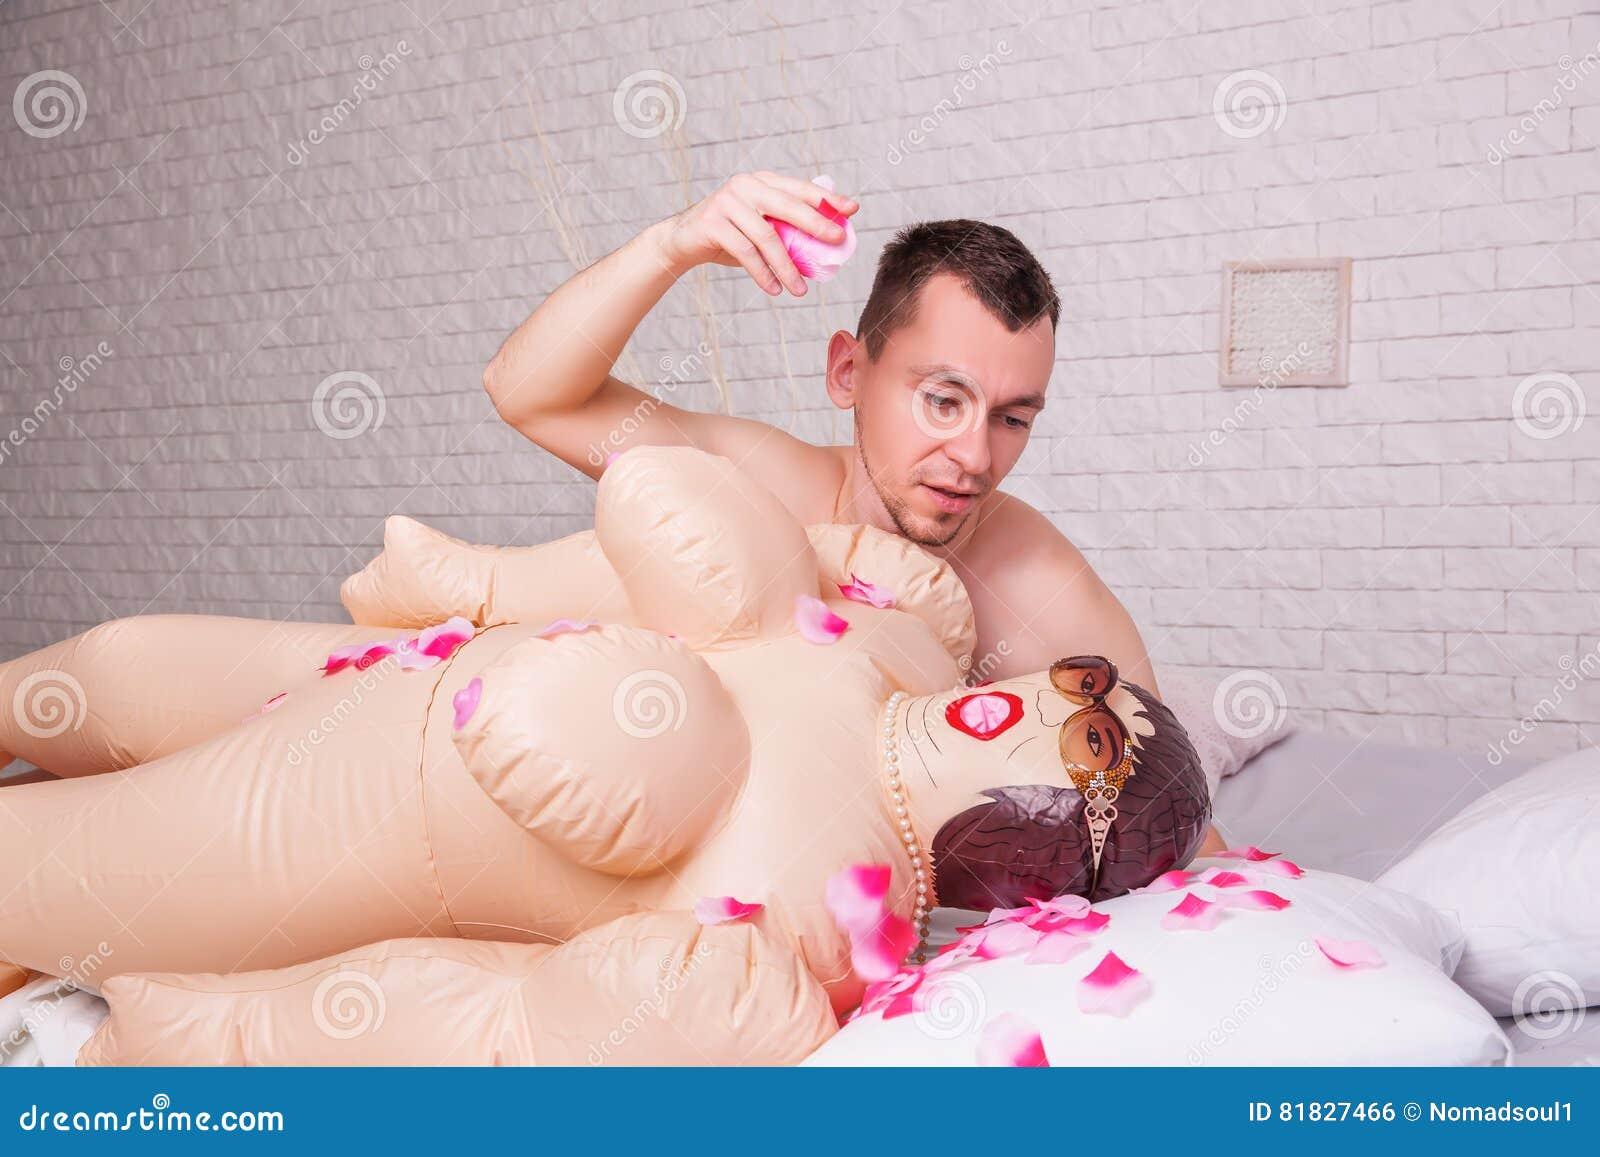 фото секса с лепестками